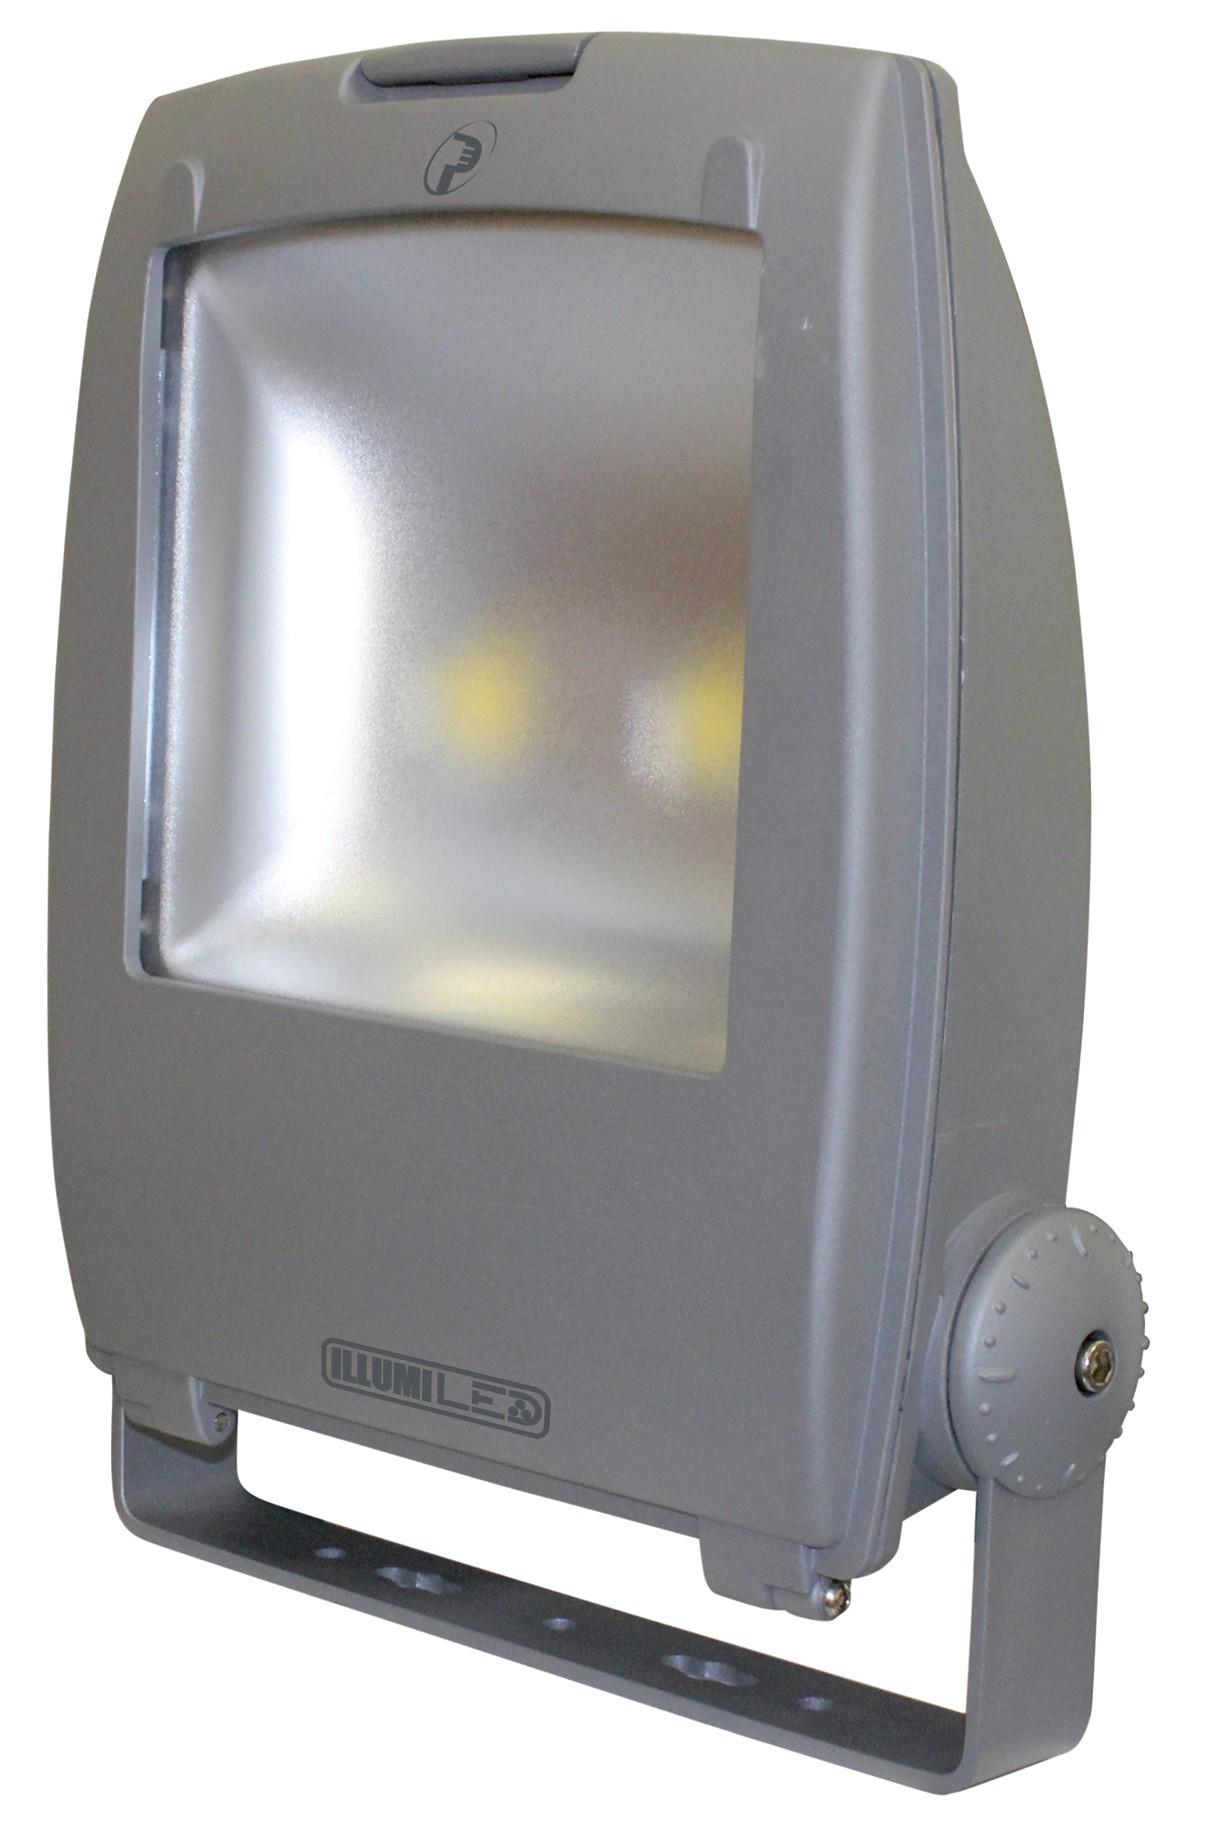 Illuminazione Industriale A Led Prezzi: Le soluzioni di illuminazione a led gewiss per il sito ...